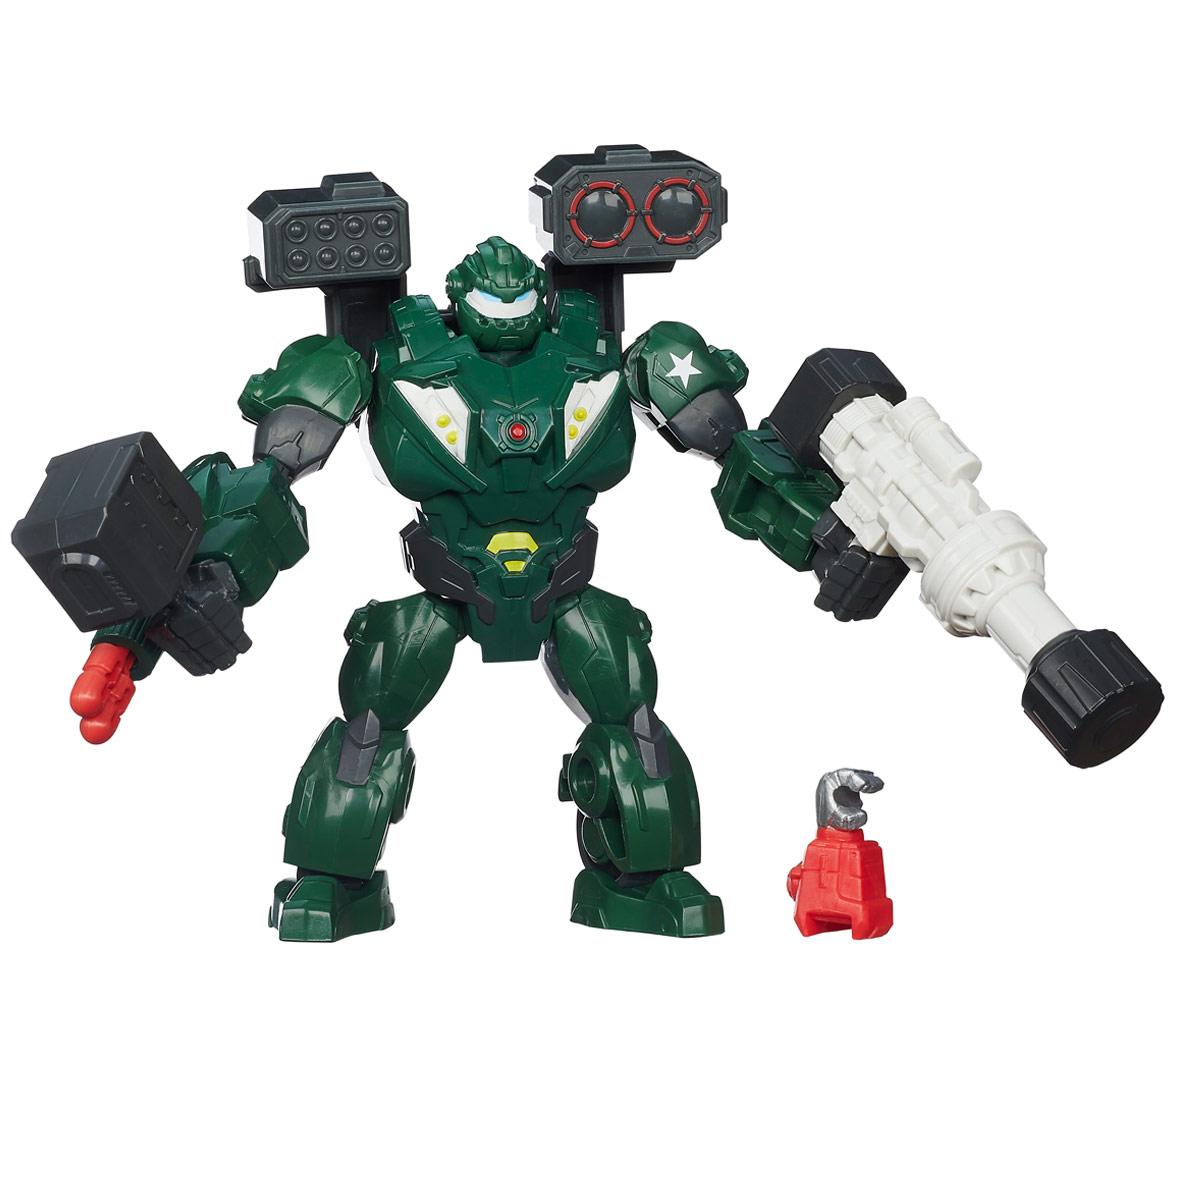 Разборная фигурка Hero Mashers Transformers: Bulkhead, с аксессуарамиA8336Разборная фигурка Hero Mashers Transformers: Bulkhead обязательно понравится любому маленькому поклоннику мультфильмов о роботах-трансформерах! Фигурка выполнена из прочного пластика в виде робота-автобота Балкхеда. Голова, руки и ноги фигурки подвижны, вращаются и сгибаются, а также отделяются от корпуса. На правой руке робота расположена пушка - поместите внутрь снаряд и нажмите на кнопку, и Балкхед выстрелит. В комплект также входит дополнительное оружие, которым ваш ребенок сможет усилить героя - молот, ракетная установка, которая надевается на спину робота, как ранец, большая ракетница и дополнительная рука робота Клиффджампера. Фигурка совместима с другими фигурками из серии Hero Mashers. Собрав коллекцию фигурок от Hasbro, вы сможете создать своего героя, объединяя способности разных героев вселенной Transformers. Все элементы обладают единым способом крепления, что позволяет создавать различные комбинации. Ребенок с удовольствием будет играть с фигуркой,...